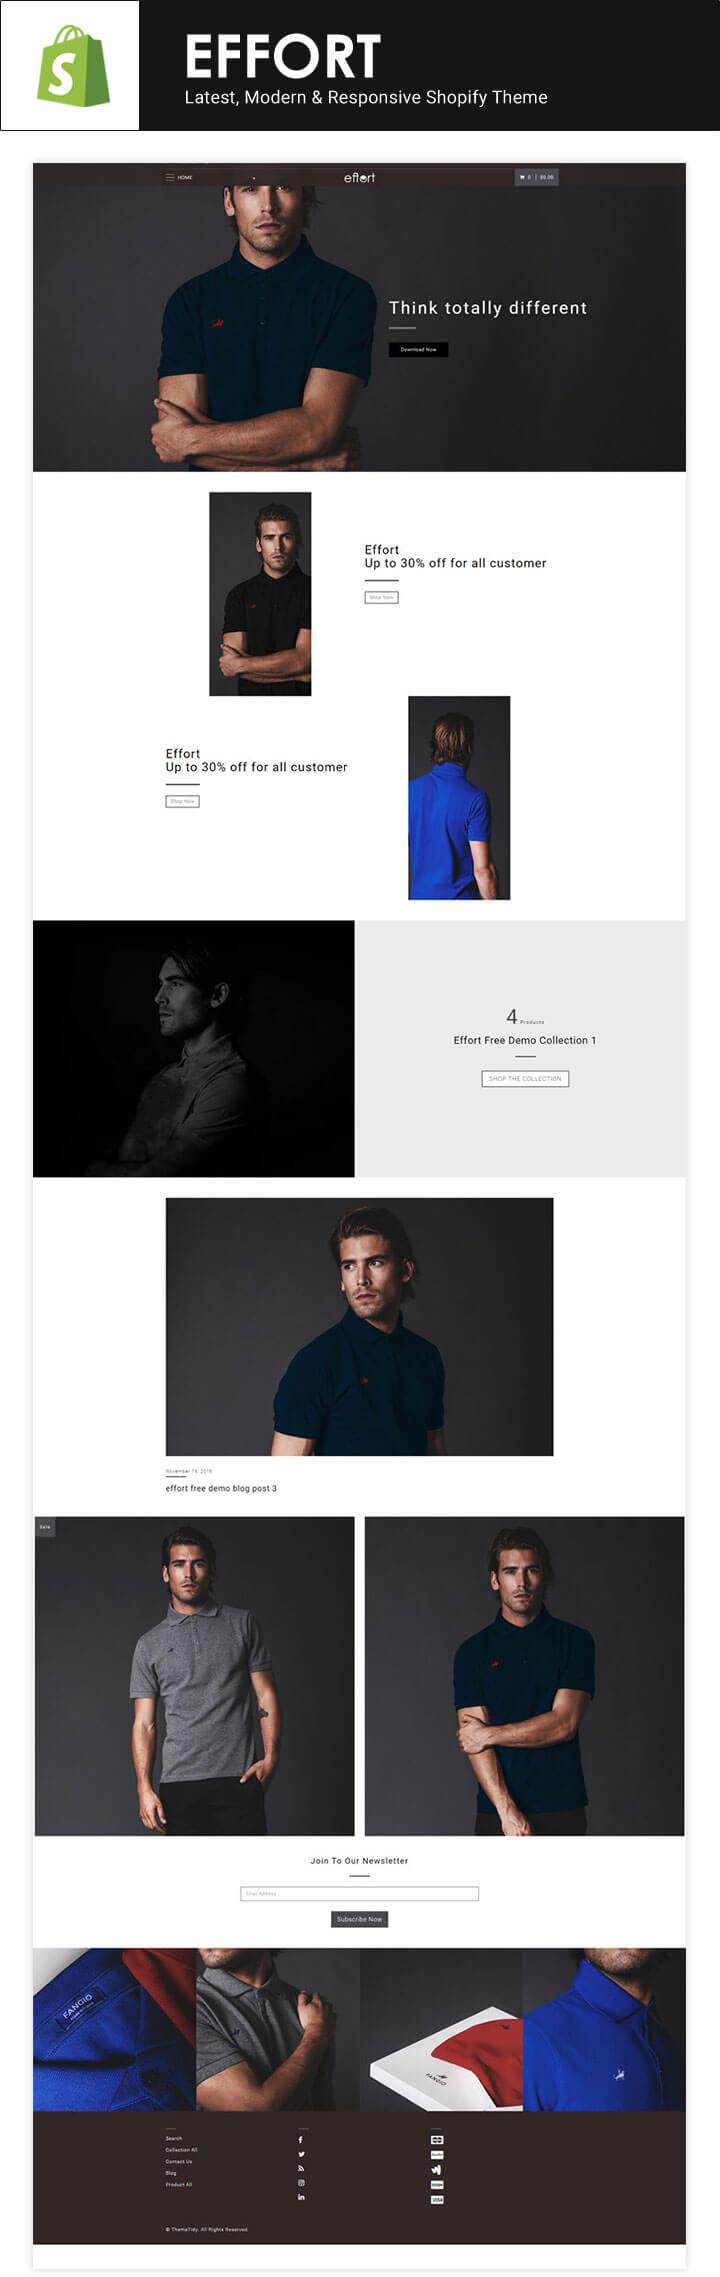 effort-responsive-ecommerce-unique-fashion-clothing-shop-shopify-theme-long-description-image-themetidy